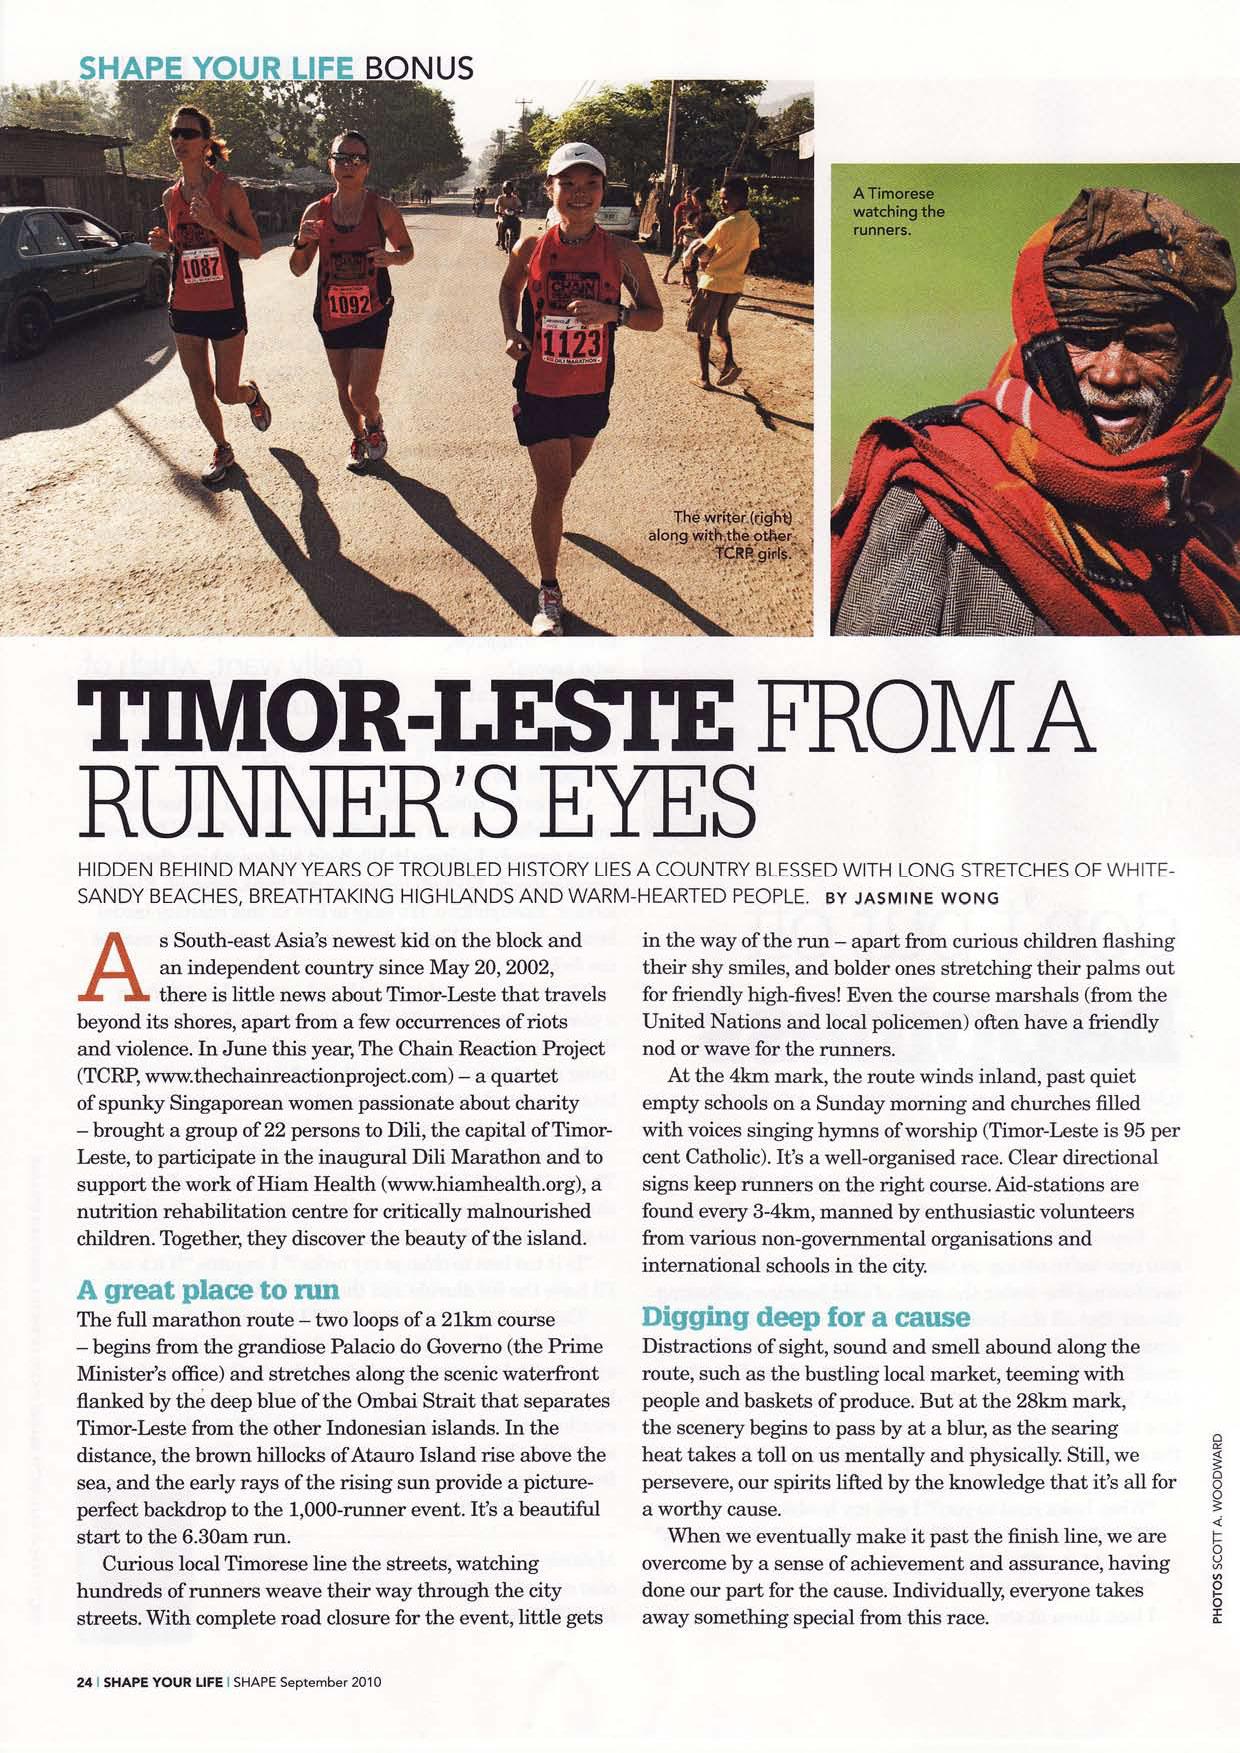 2010-09-Timor-Leste-from-a-Runners-Eyes-1.jpg